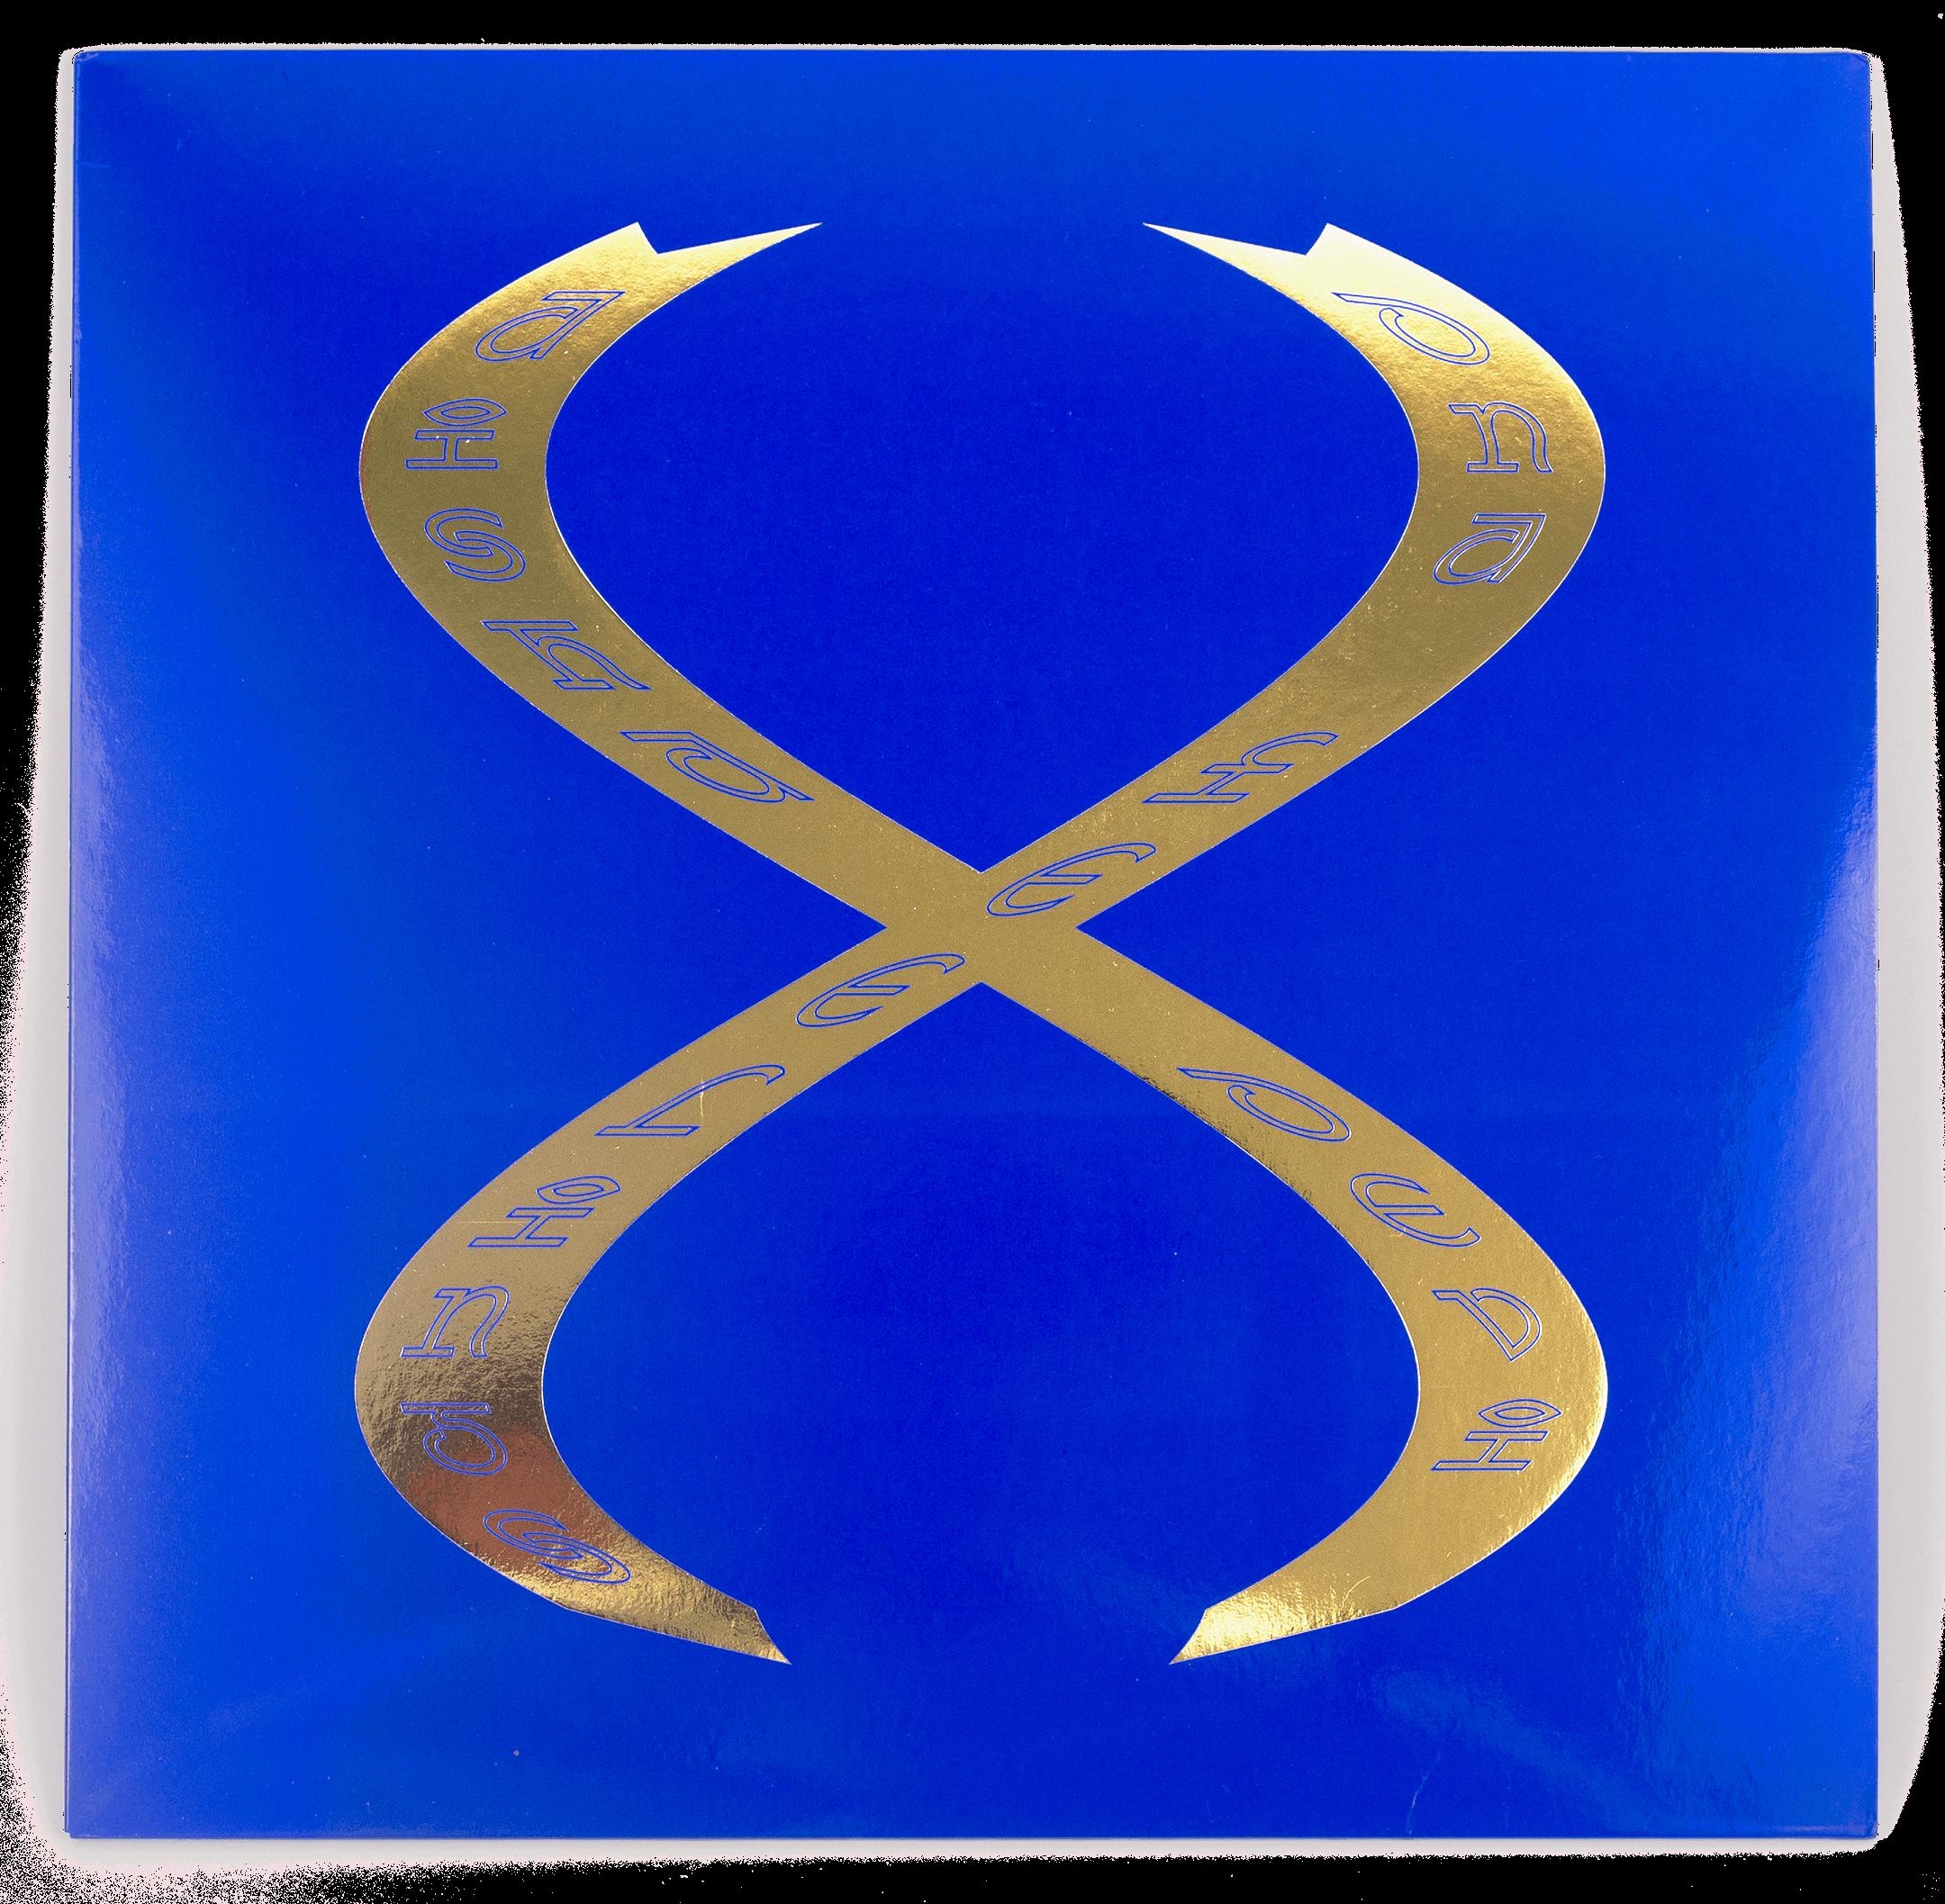 Pochette vinyle de l'album DNA Feelings de Aisha Devi